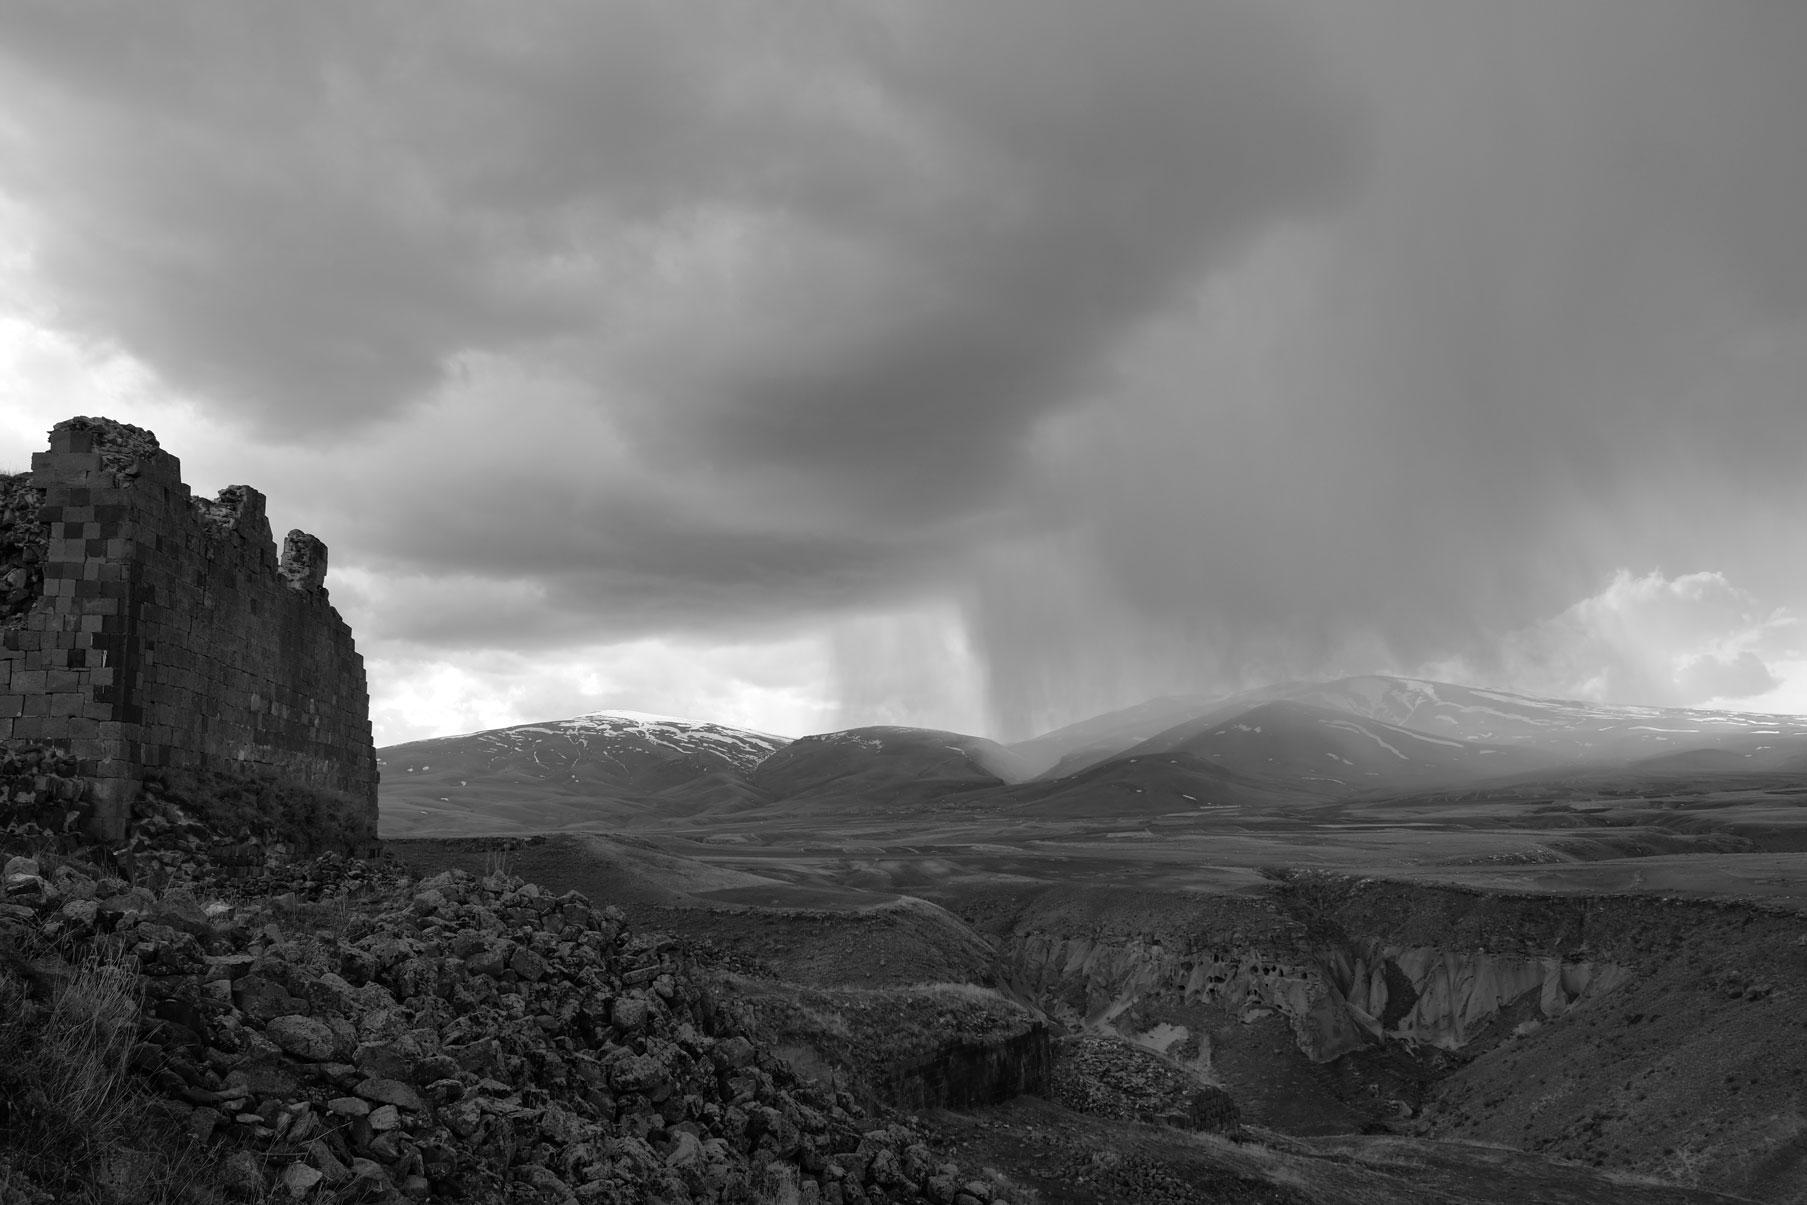 Regenwolken und die Ruine der ehemaligen Zitadelle